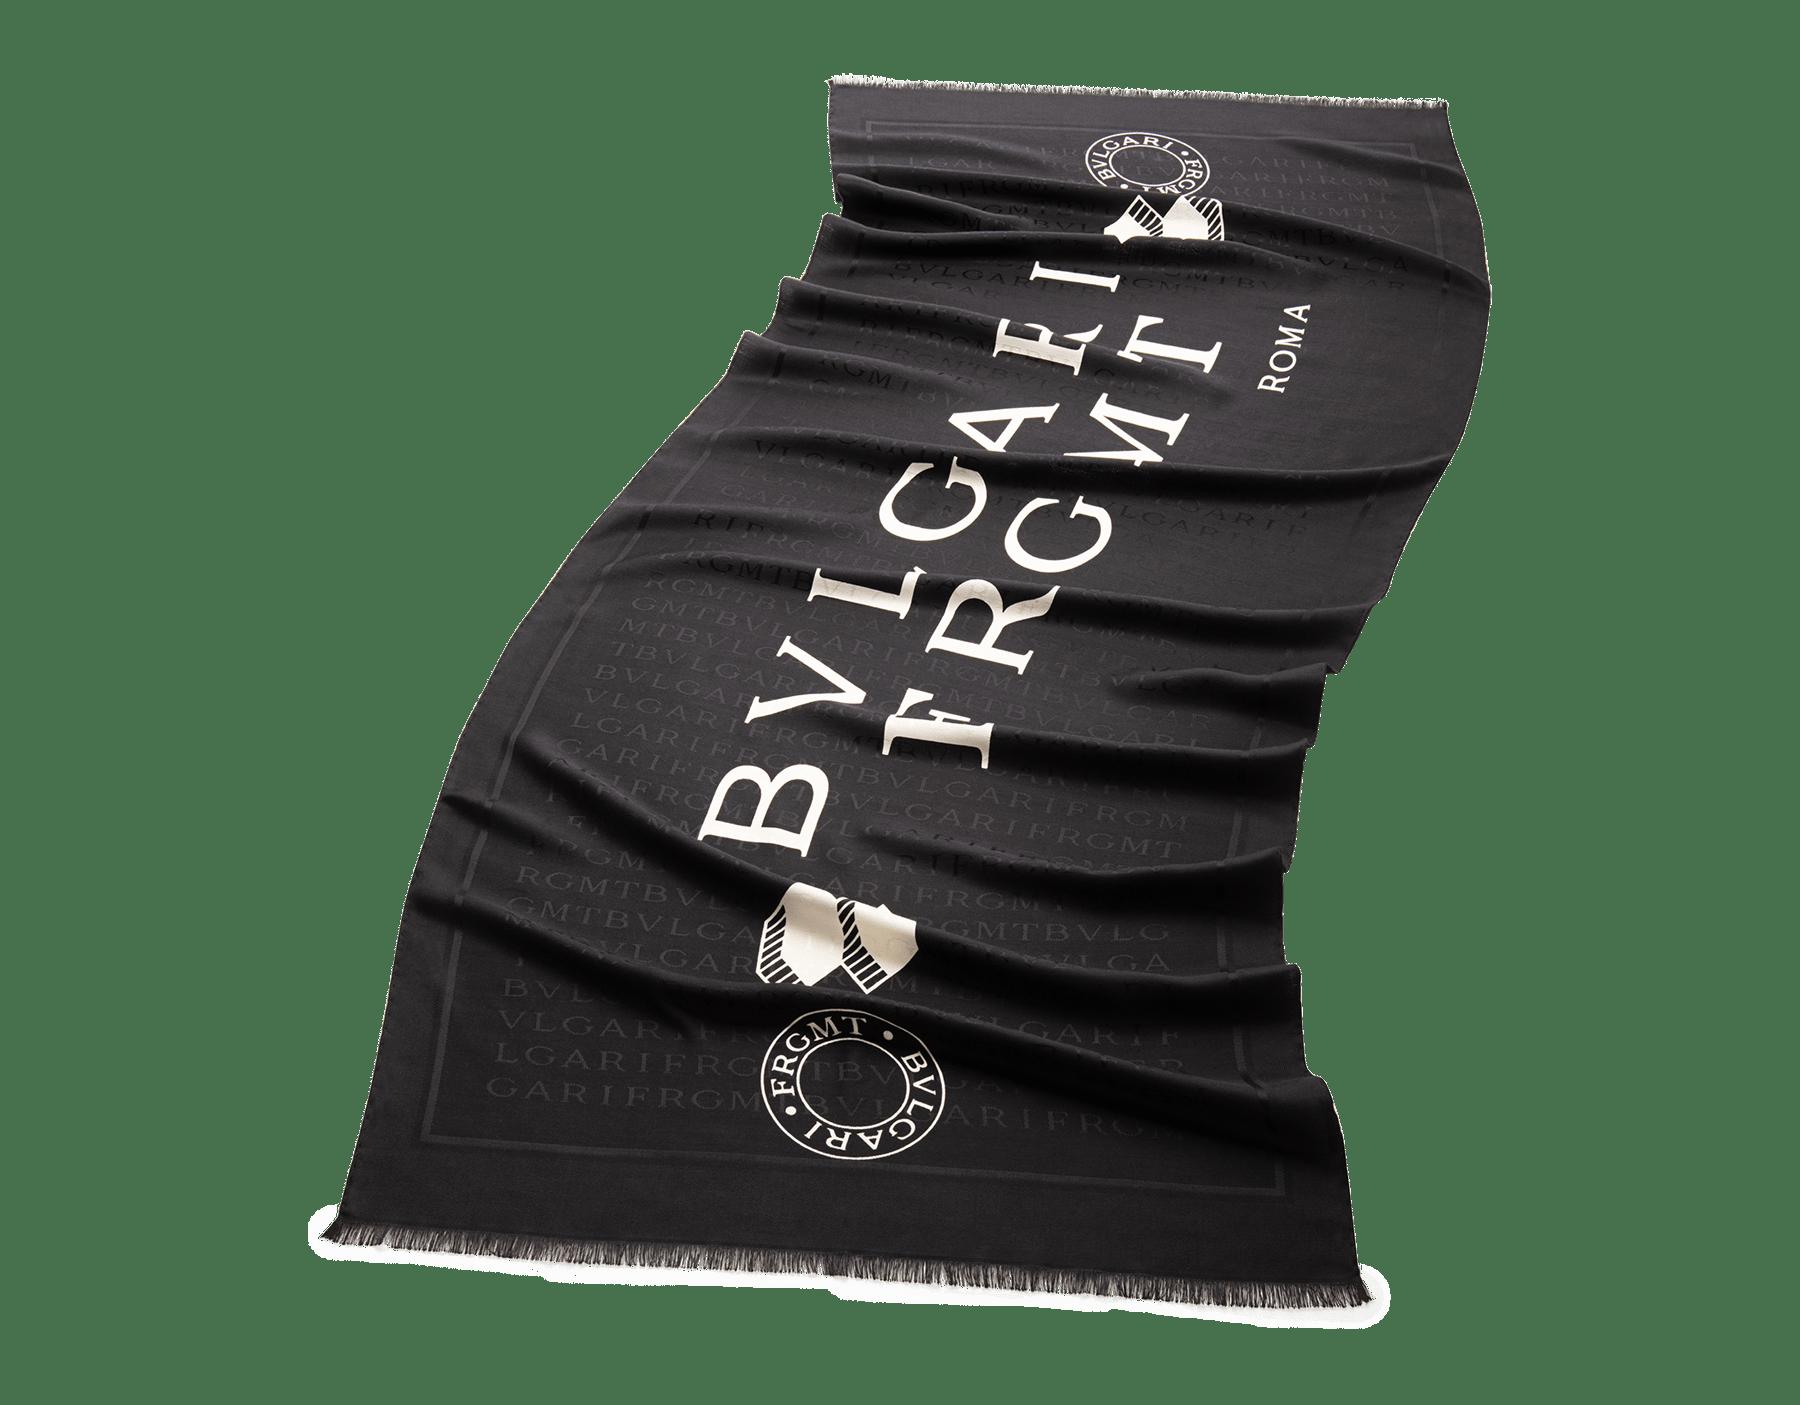 「BVLGARI x FRAGMENT by Hiroshi Fujiwara」ブラックストール。上質なウール製。 243896 image 1